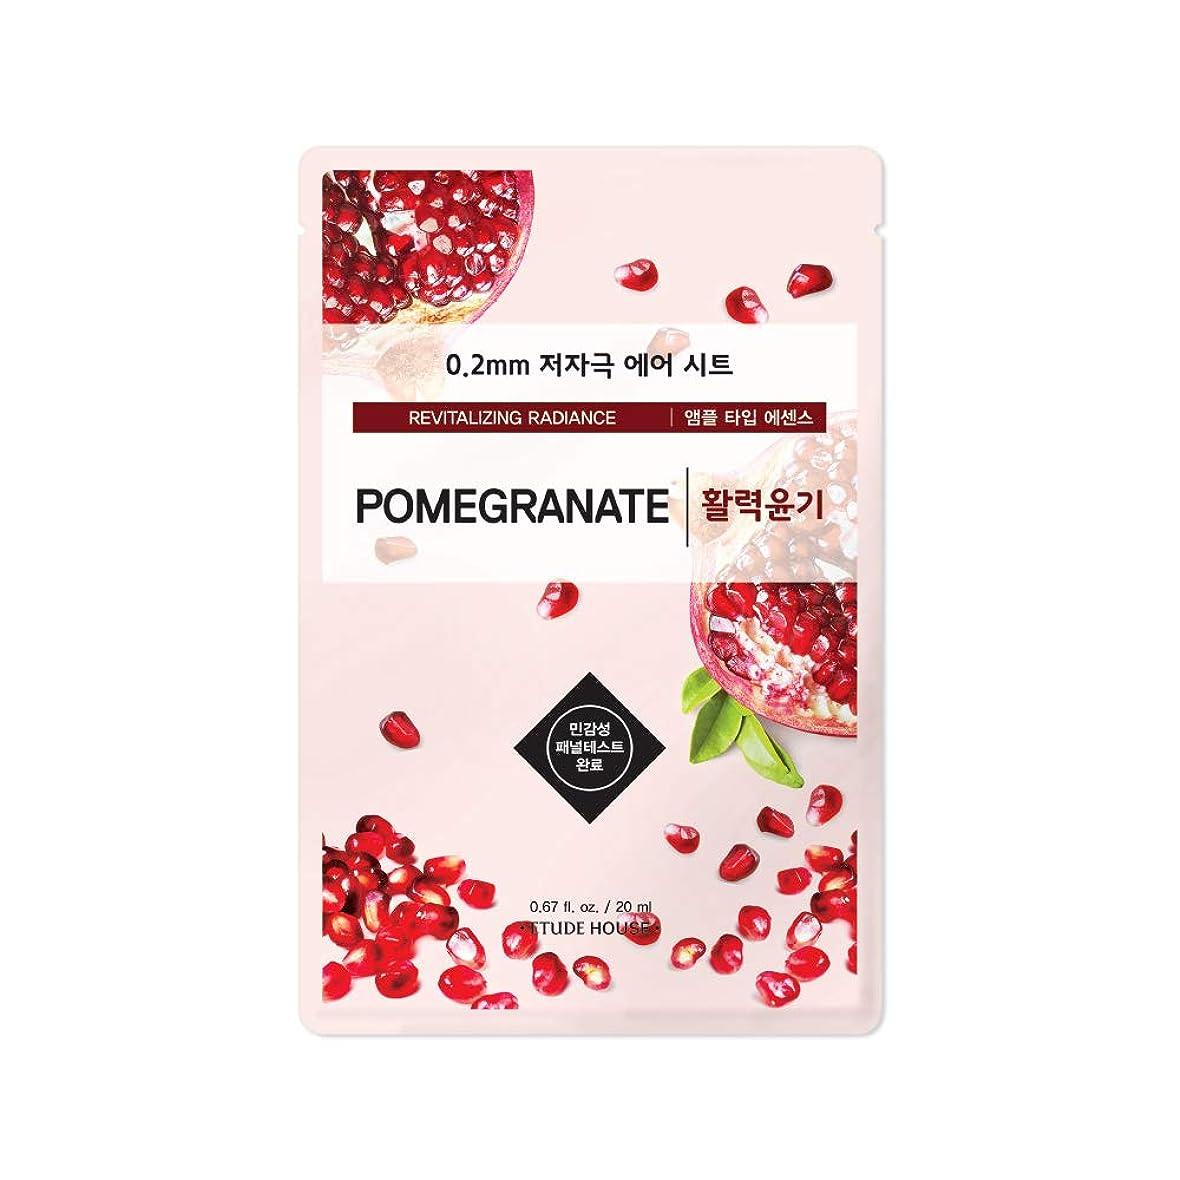 モンスターばかトランスミッションETUDE HOUSE 0.2 Therapy Air Mask 20ml×10ea (#07 Pomegranate)/エチュードハウス 0.2 セラピー エア マスク 20ml×10枚 (#07 Pomegranate)